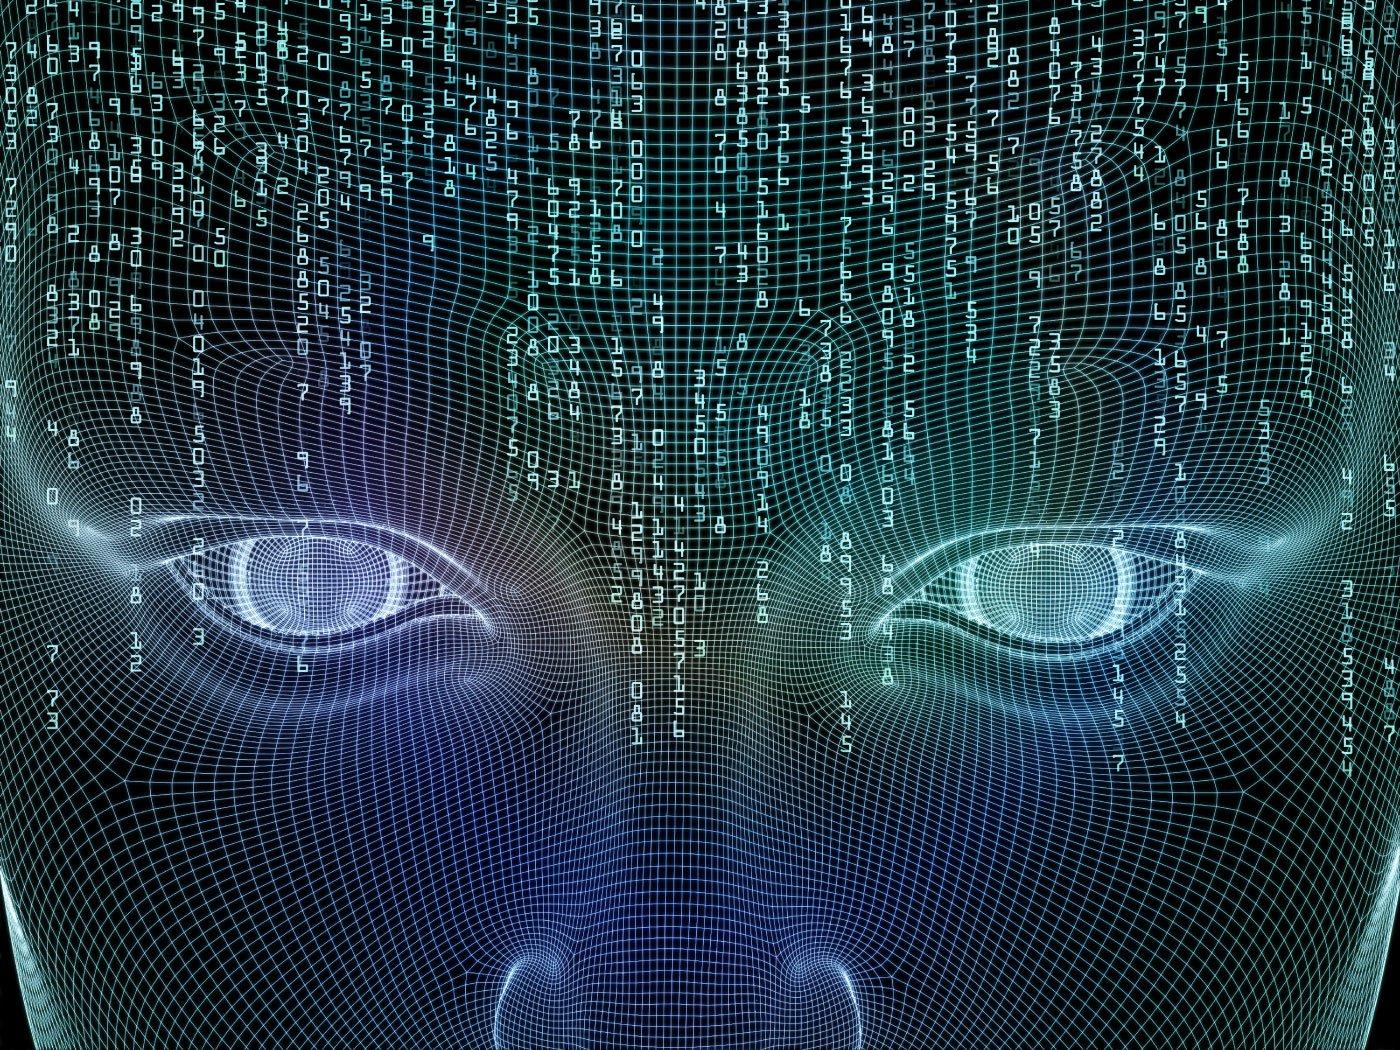 Entender como o computador pensa ajuda o ser humano a identificar fraquezas da IA